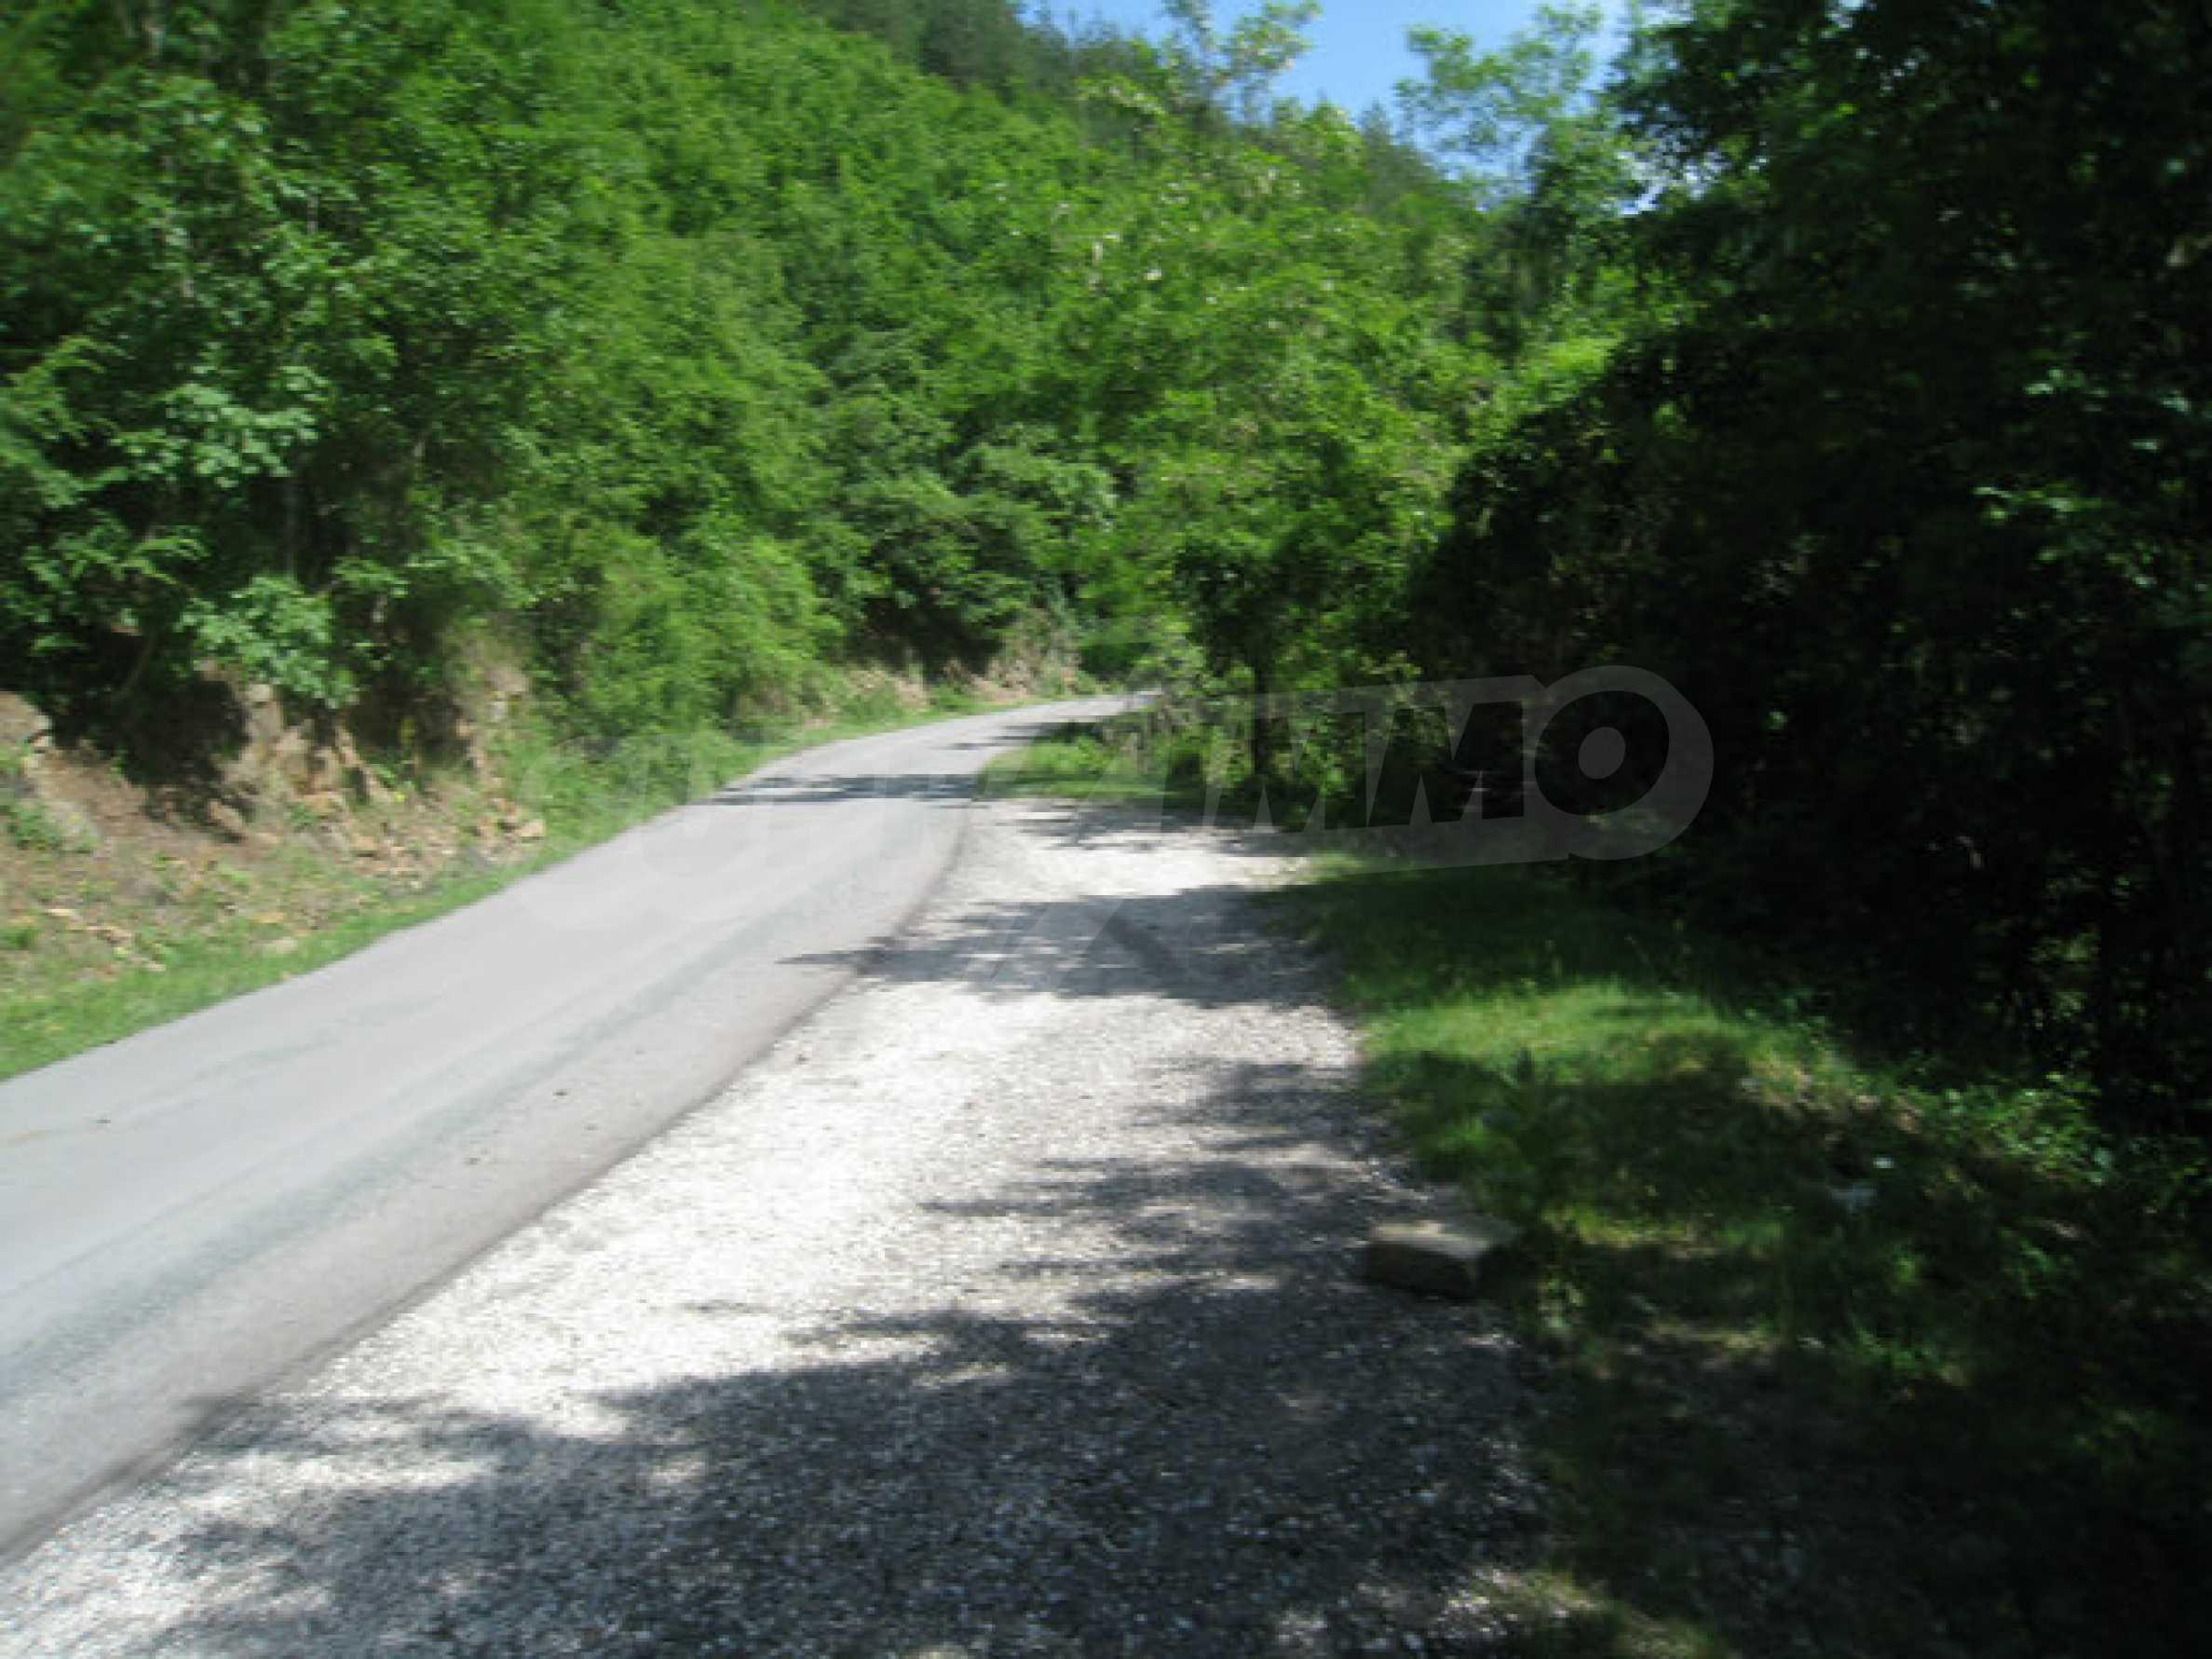 Haus zum Verkauf in einem Dorf 48 km von Svoge 23